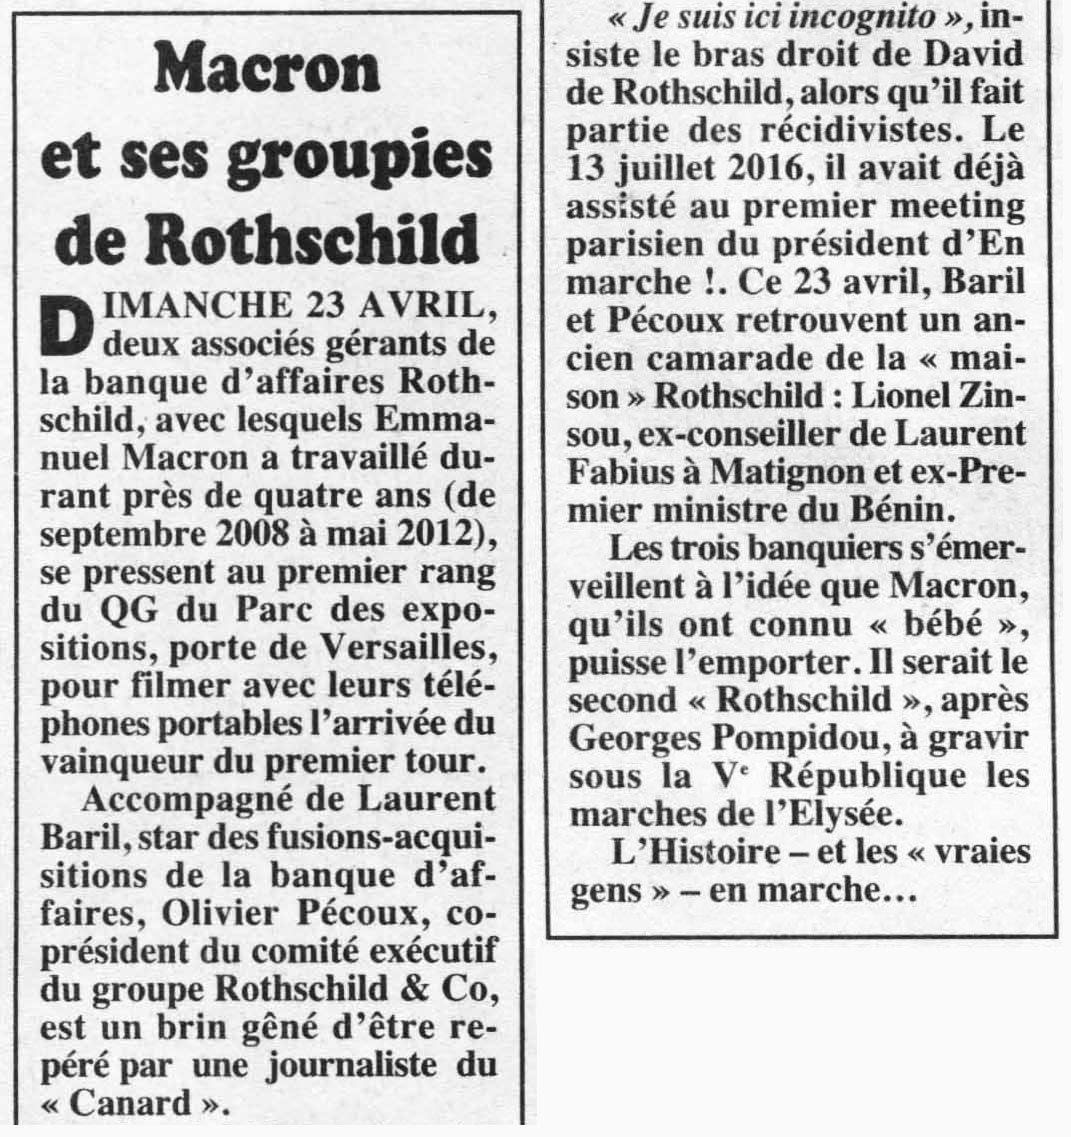 Macron et ses groupies de Rothschild. Le Canard enchaîné (26/04/2017) #macron #ToutSaufMacron #LeVraiMacron